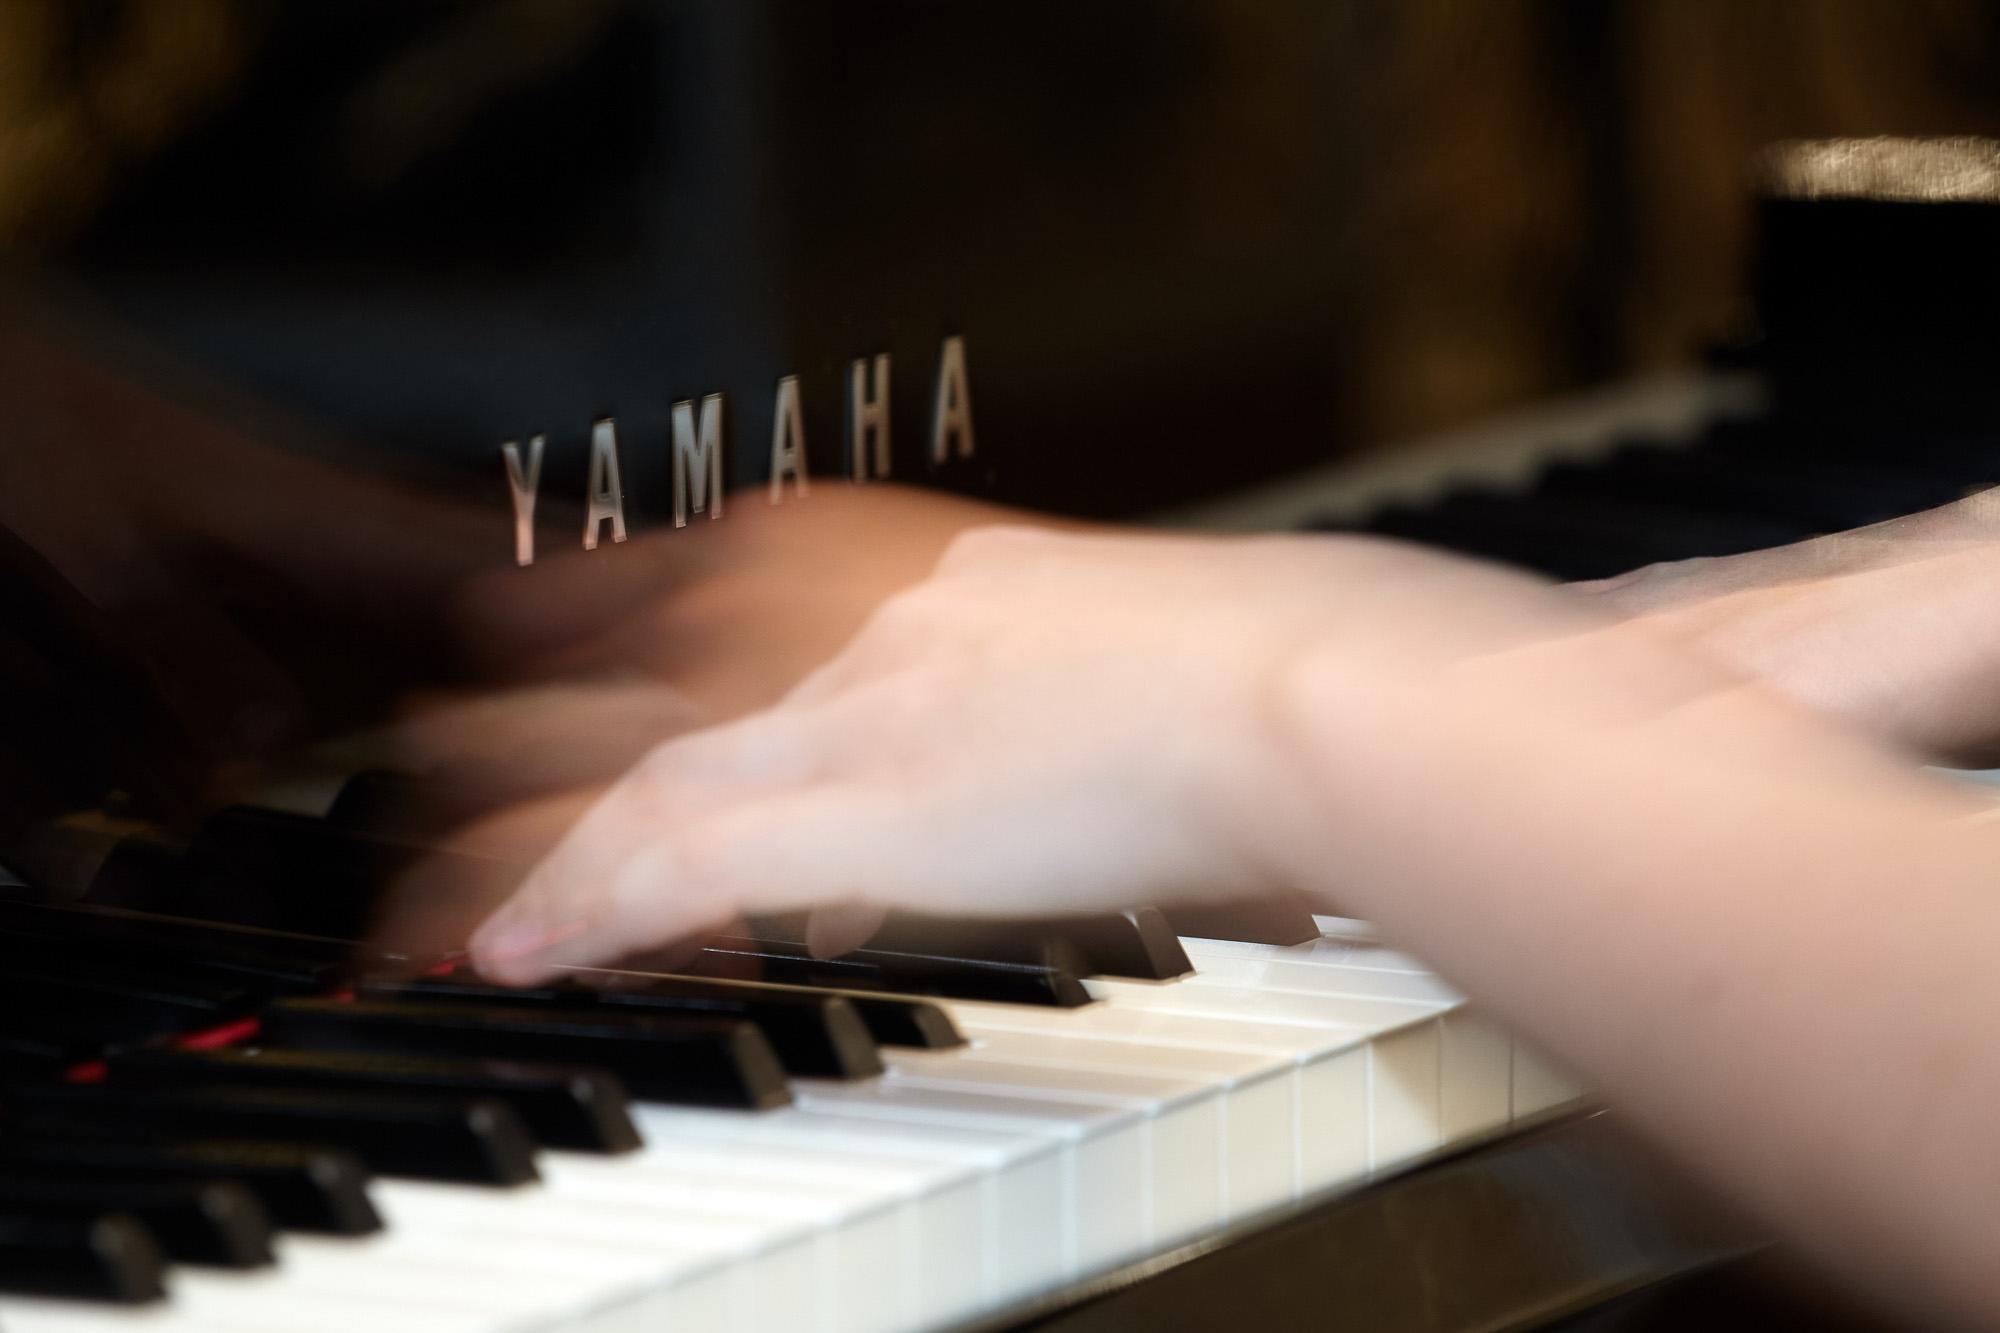 2017-05-29 Yamaha Gala 008